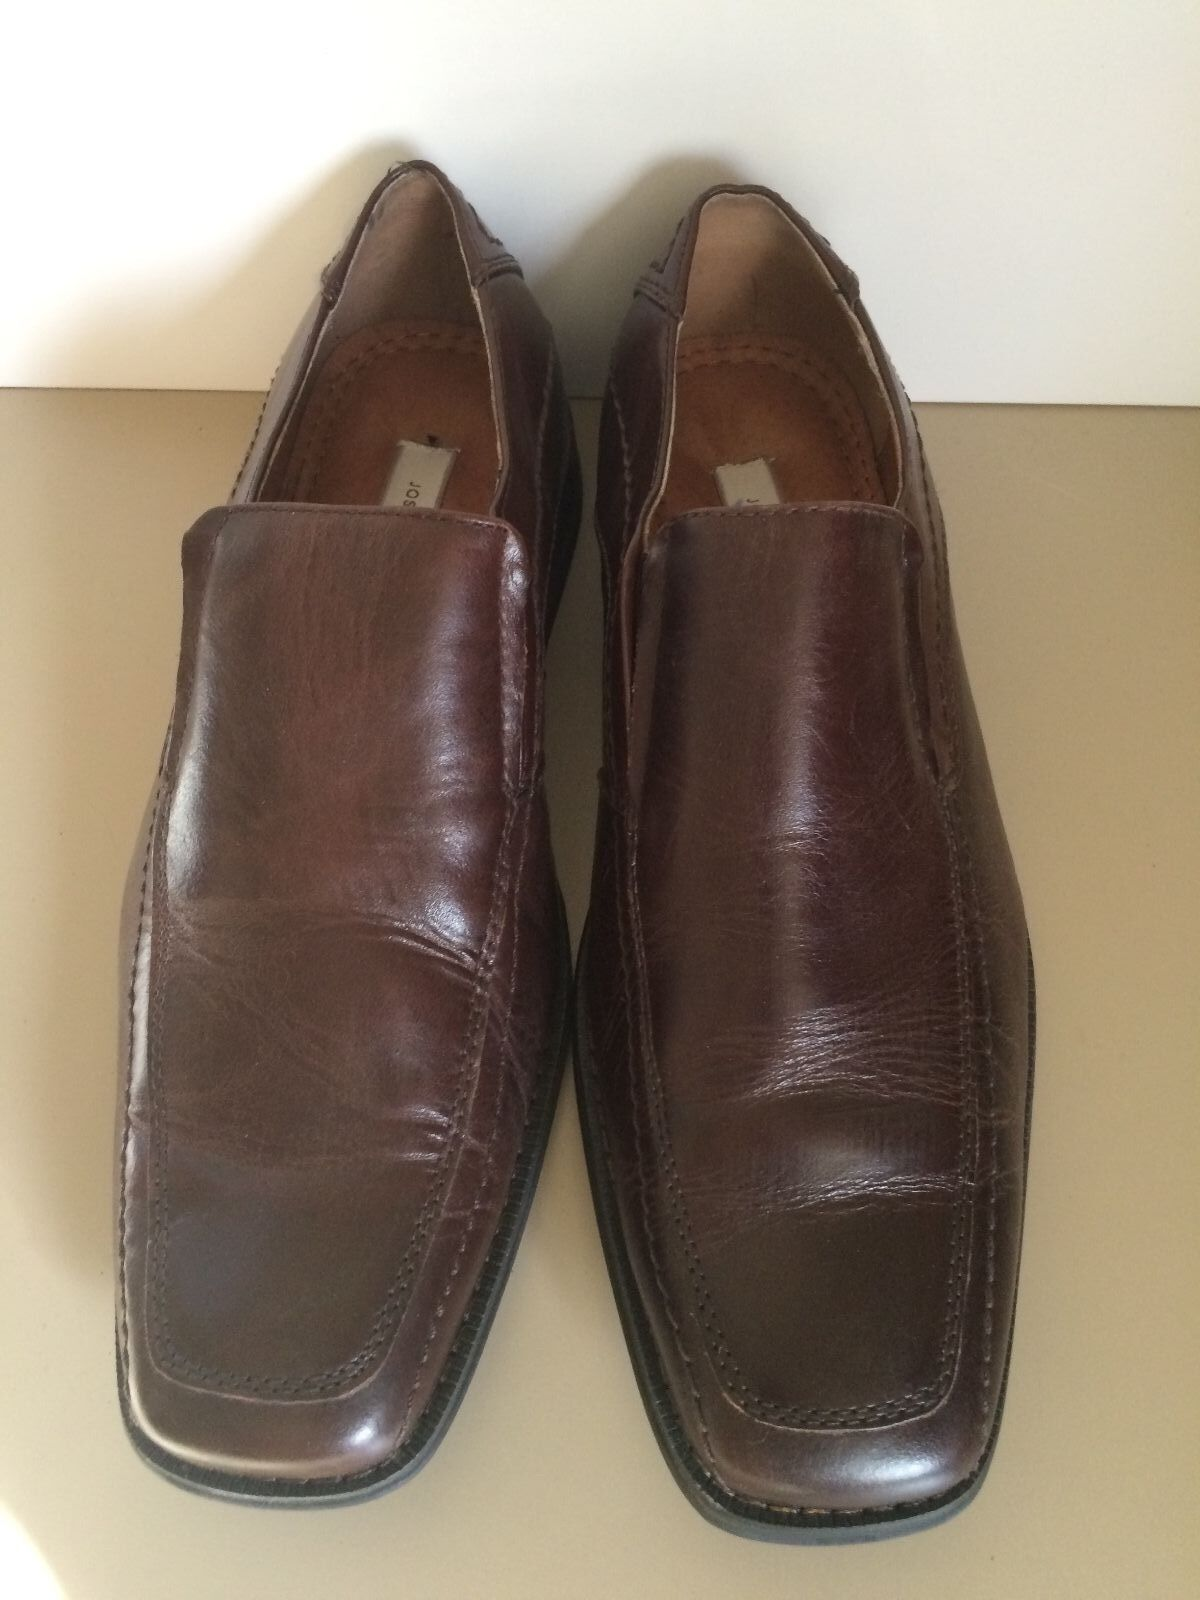 Joseph Abboud 8.5 M Shoes Brown Leather Split Toe Oxfords Lace Up Mens